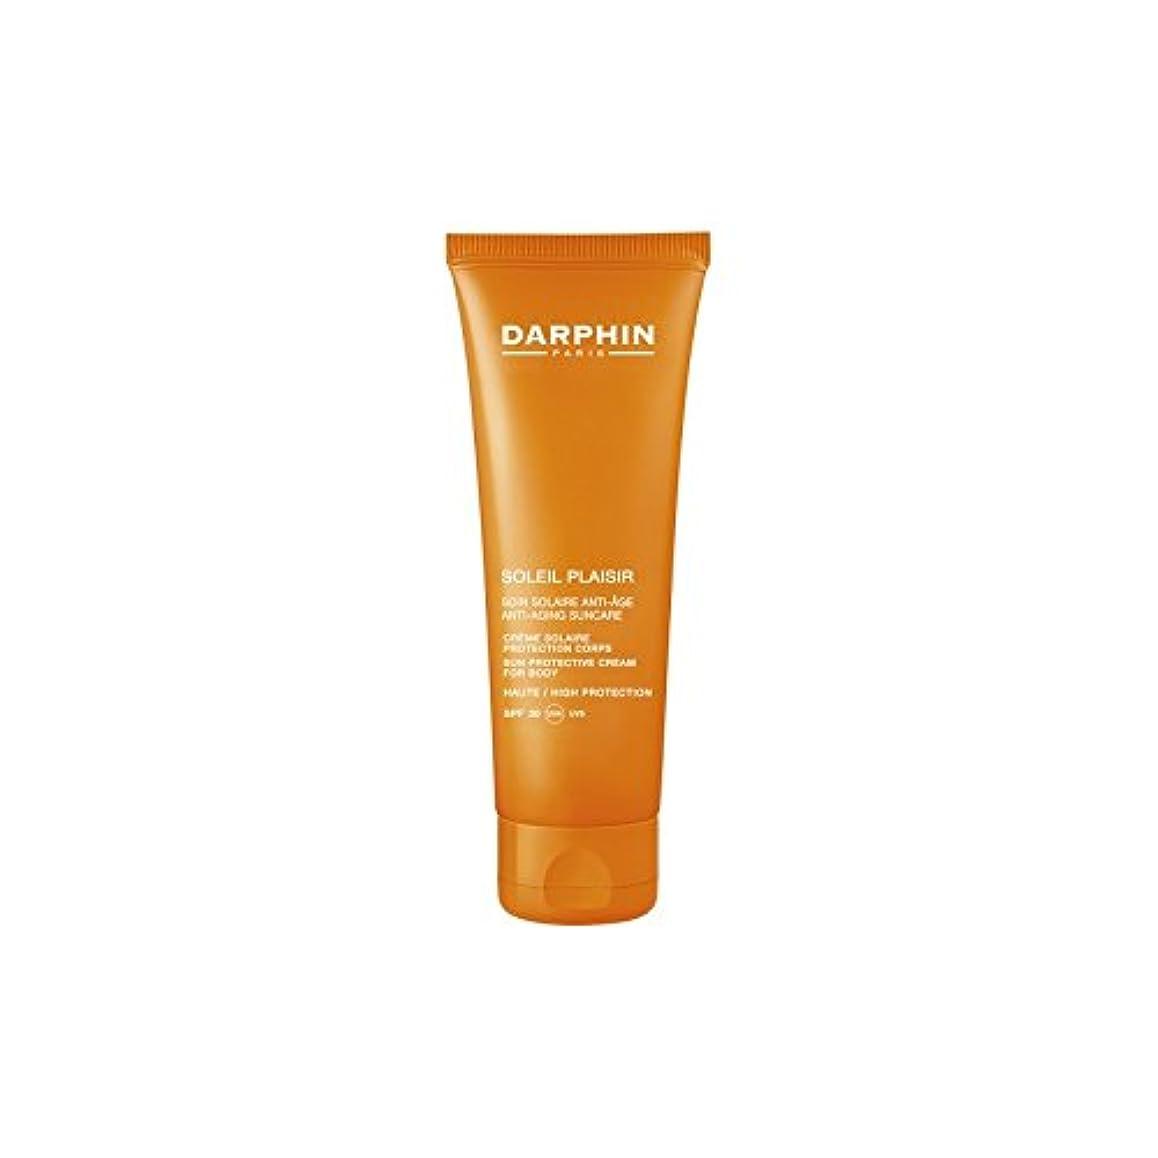 実質的にエスカレート浅いダルファンソレイユプレジールボディクリーム x2 - Darphin Soleil Plaisir Body Cream (Pack of 2) [並行輸入品]